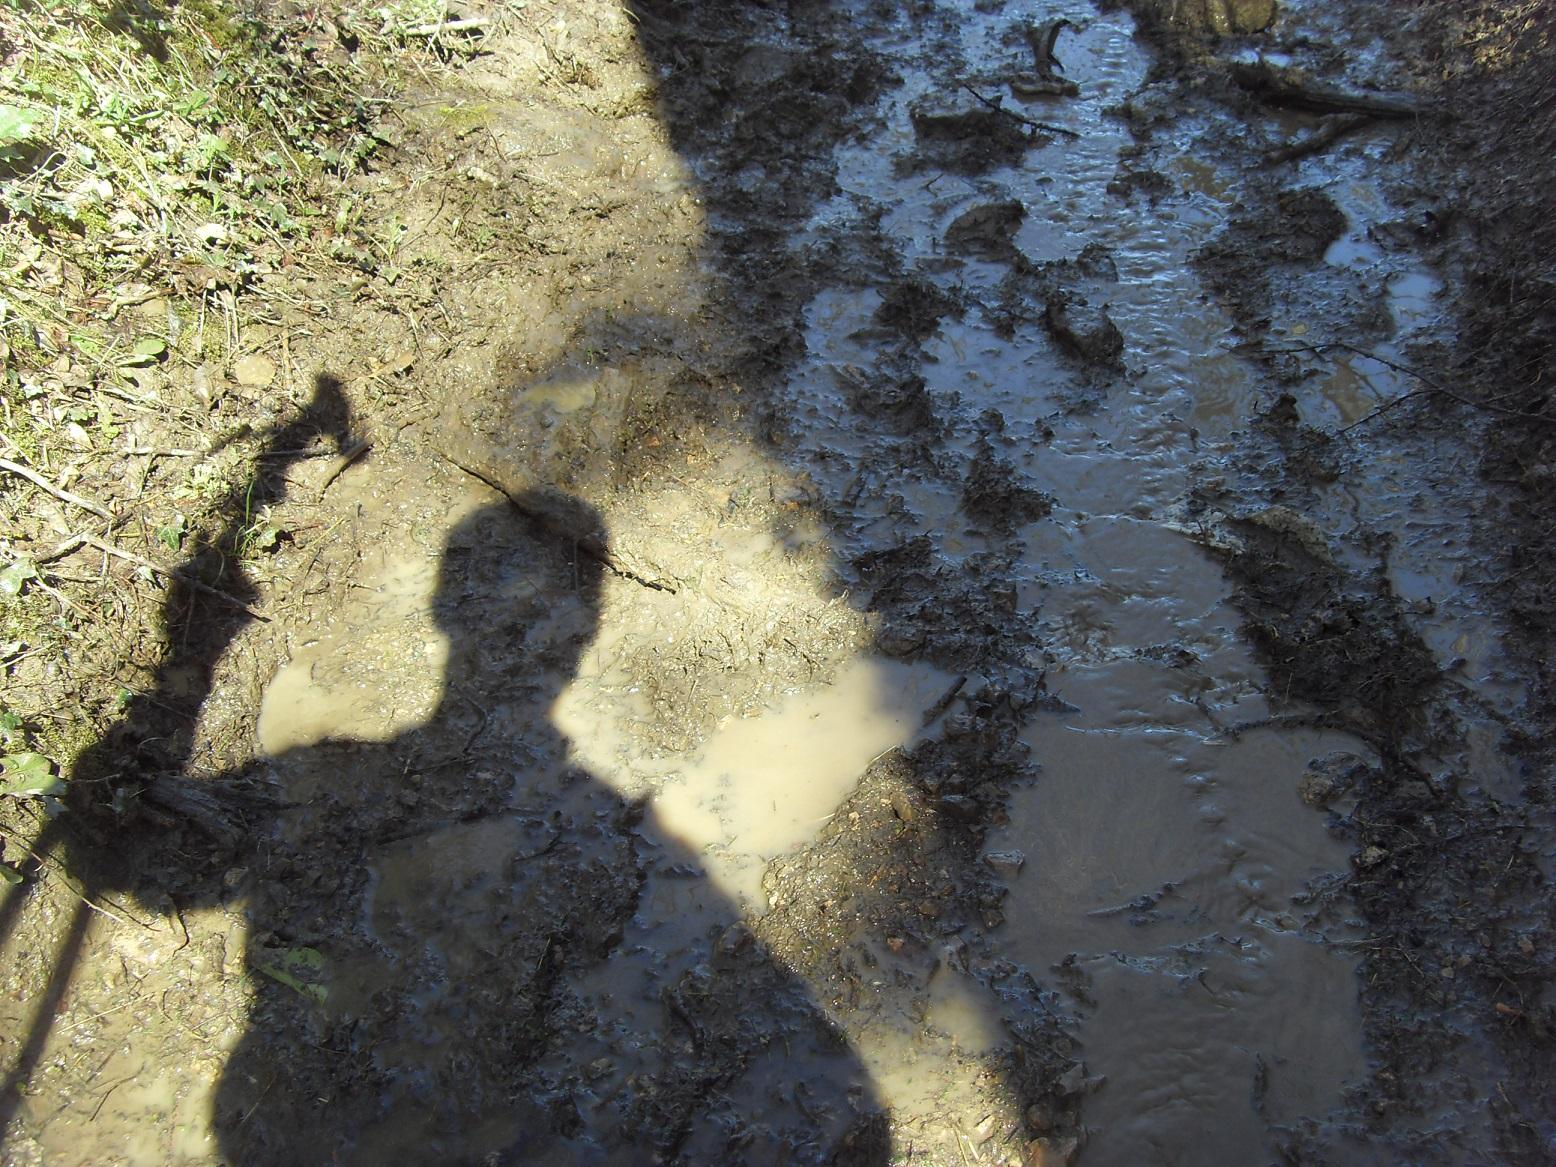 49-Allez, faut replonger dans la boue ensuite..